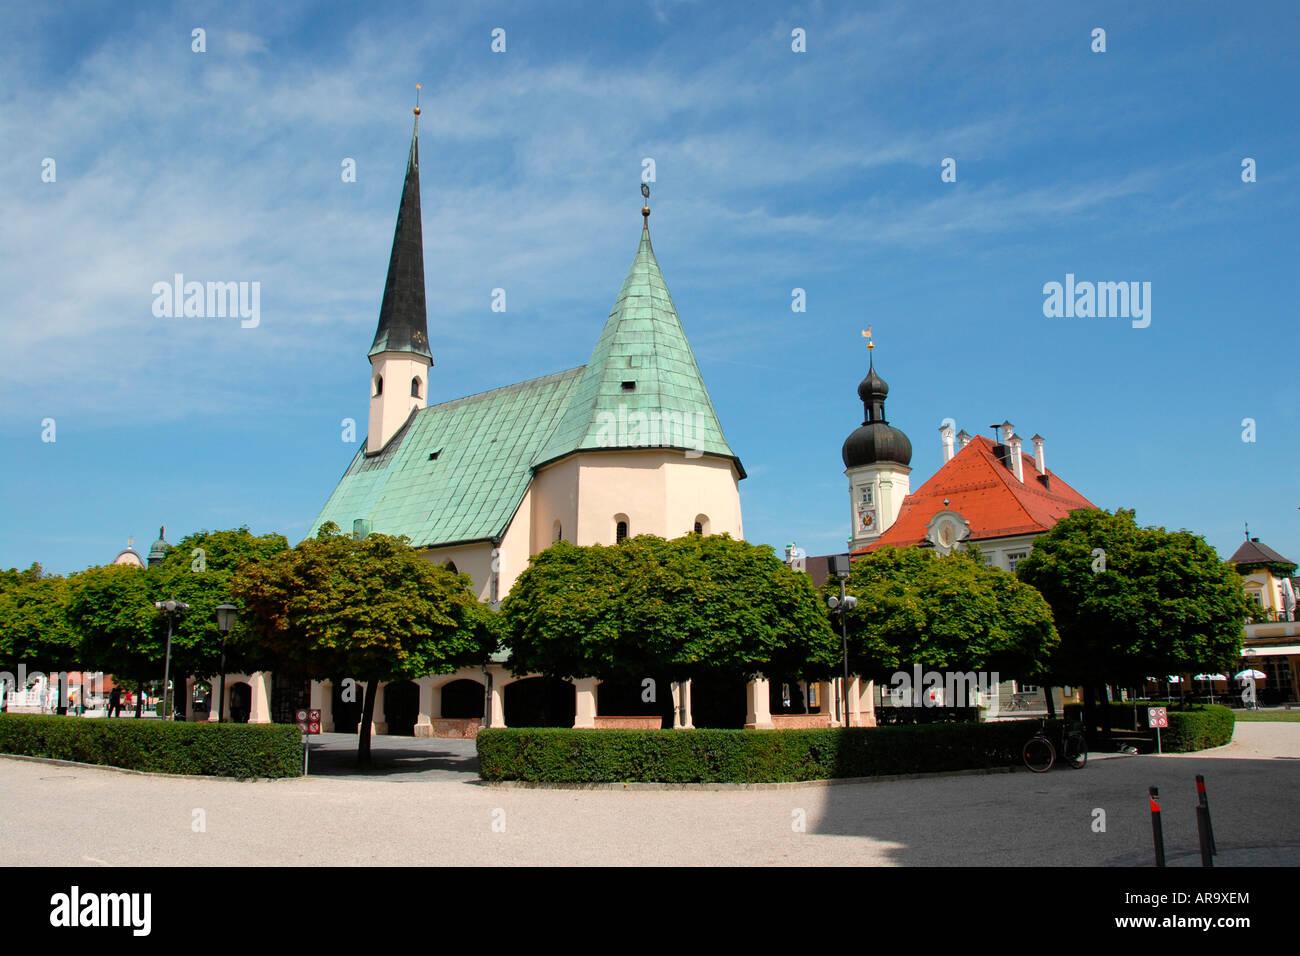 Wallfahrtsort Bayern